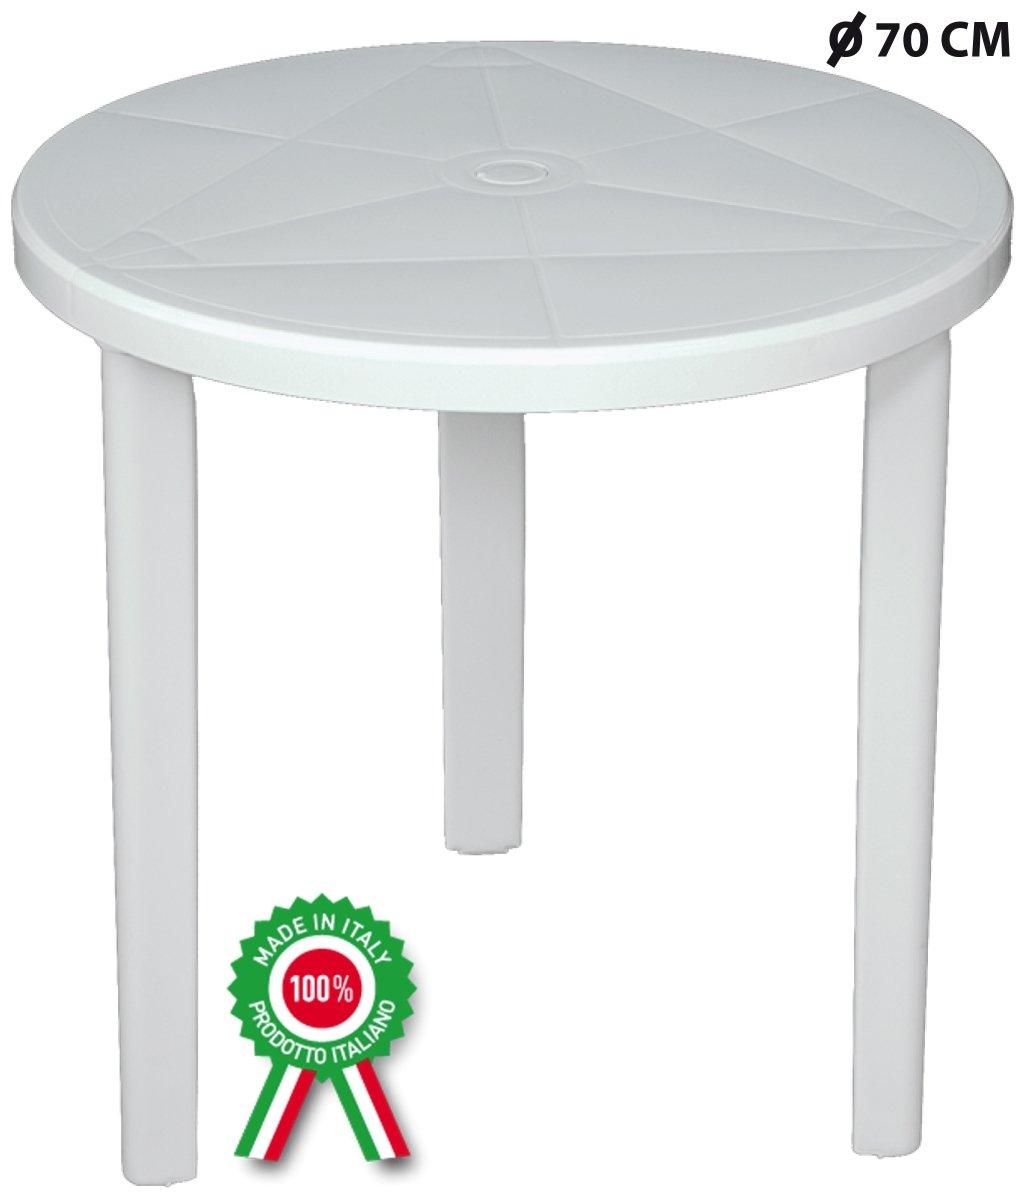 SAVINO FILIPPO SRL Tavolo tavolino tondo diametro 70 cm Milano in dura resina di plastica bianco con foro per ombrellone per esterno casa balcone bar sagra da giardino rotondo